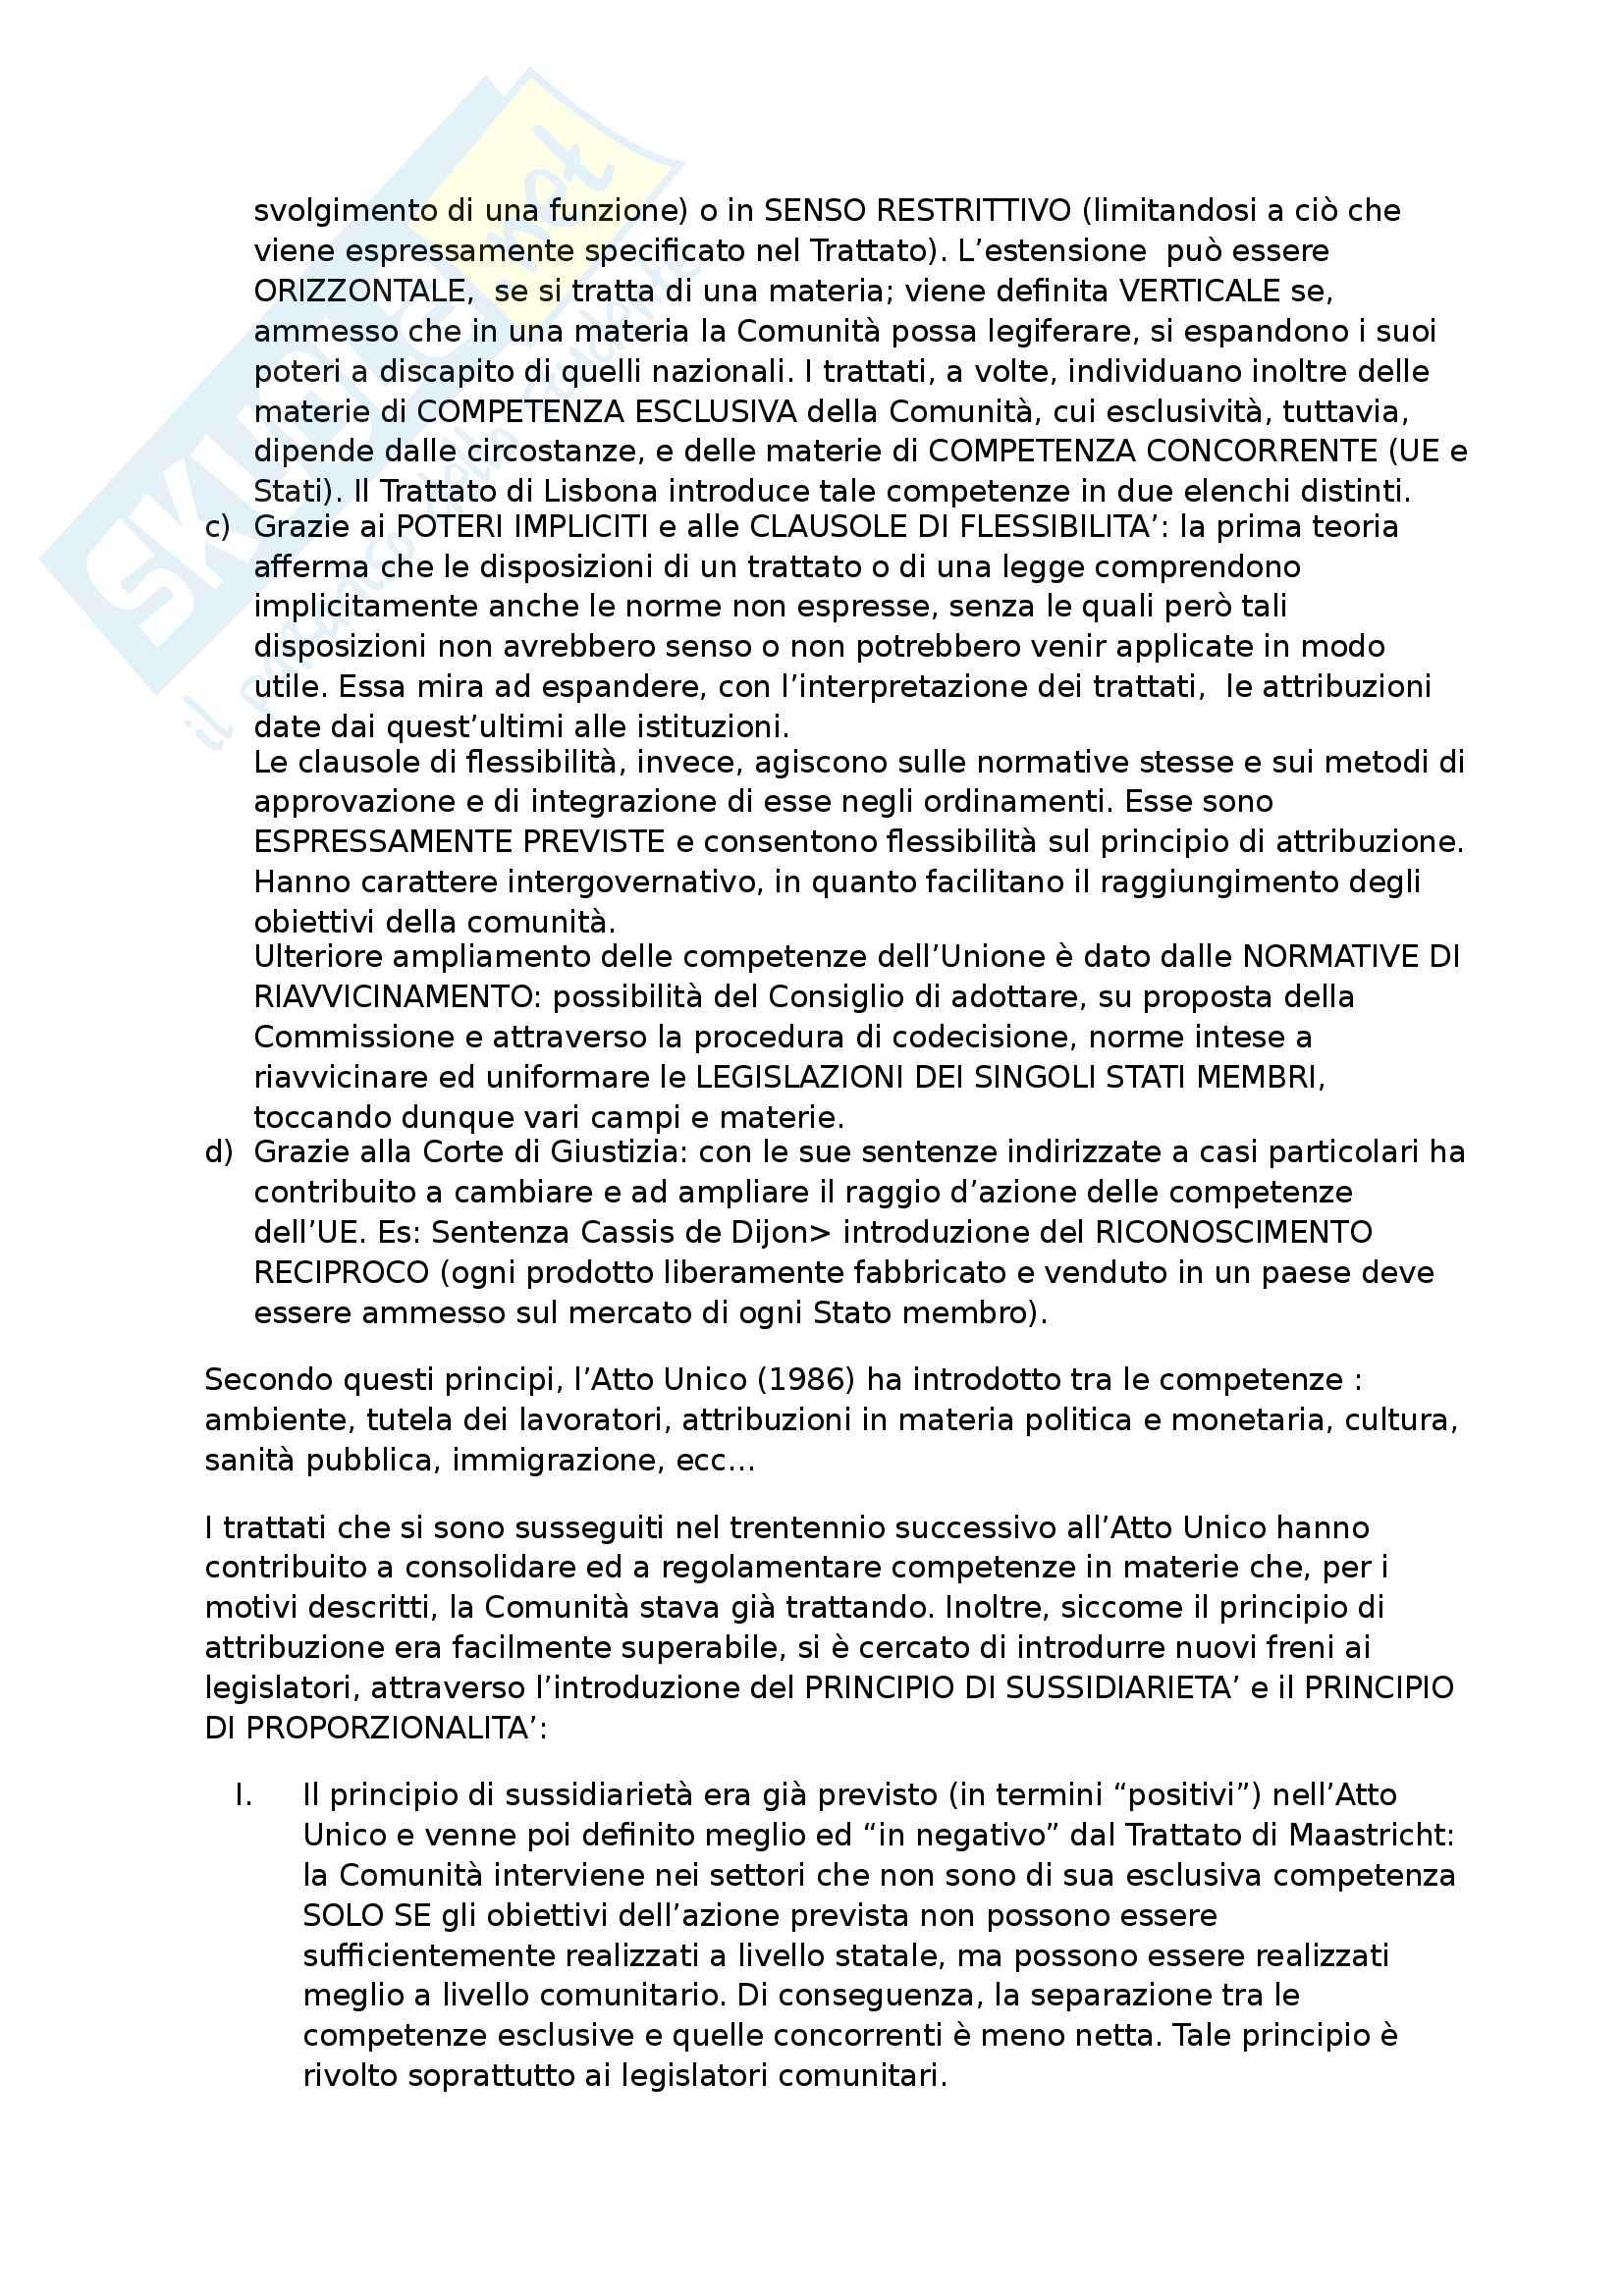 riassunti per l'esame di Diritto Pubblico Europeo, riassunti per l'esame Pag. 11